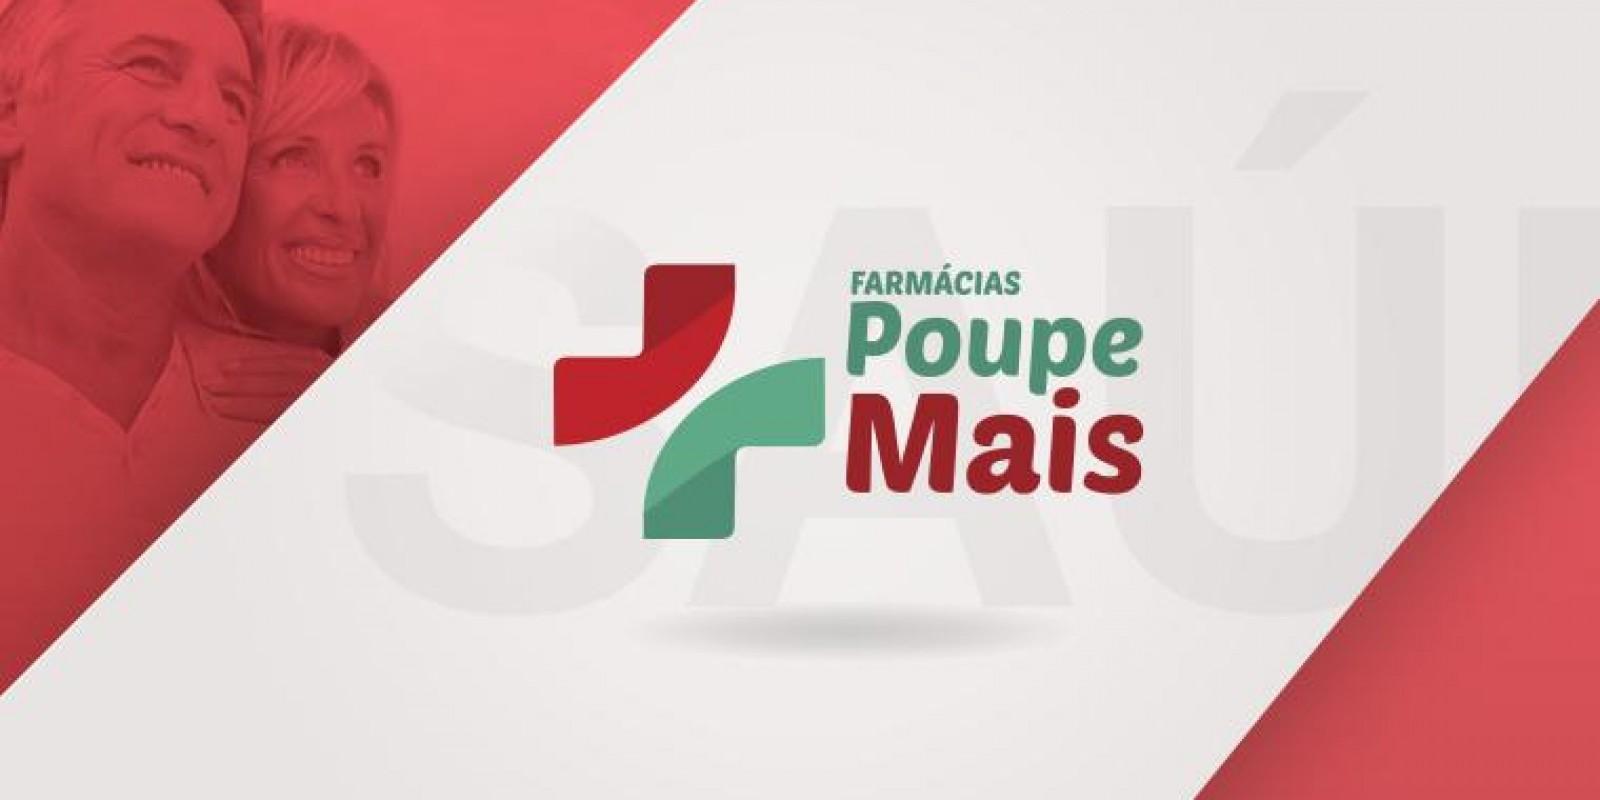 Farmácias Poupemais - Calcadão